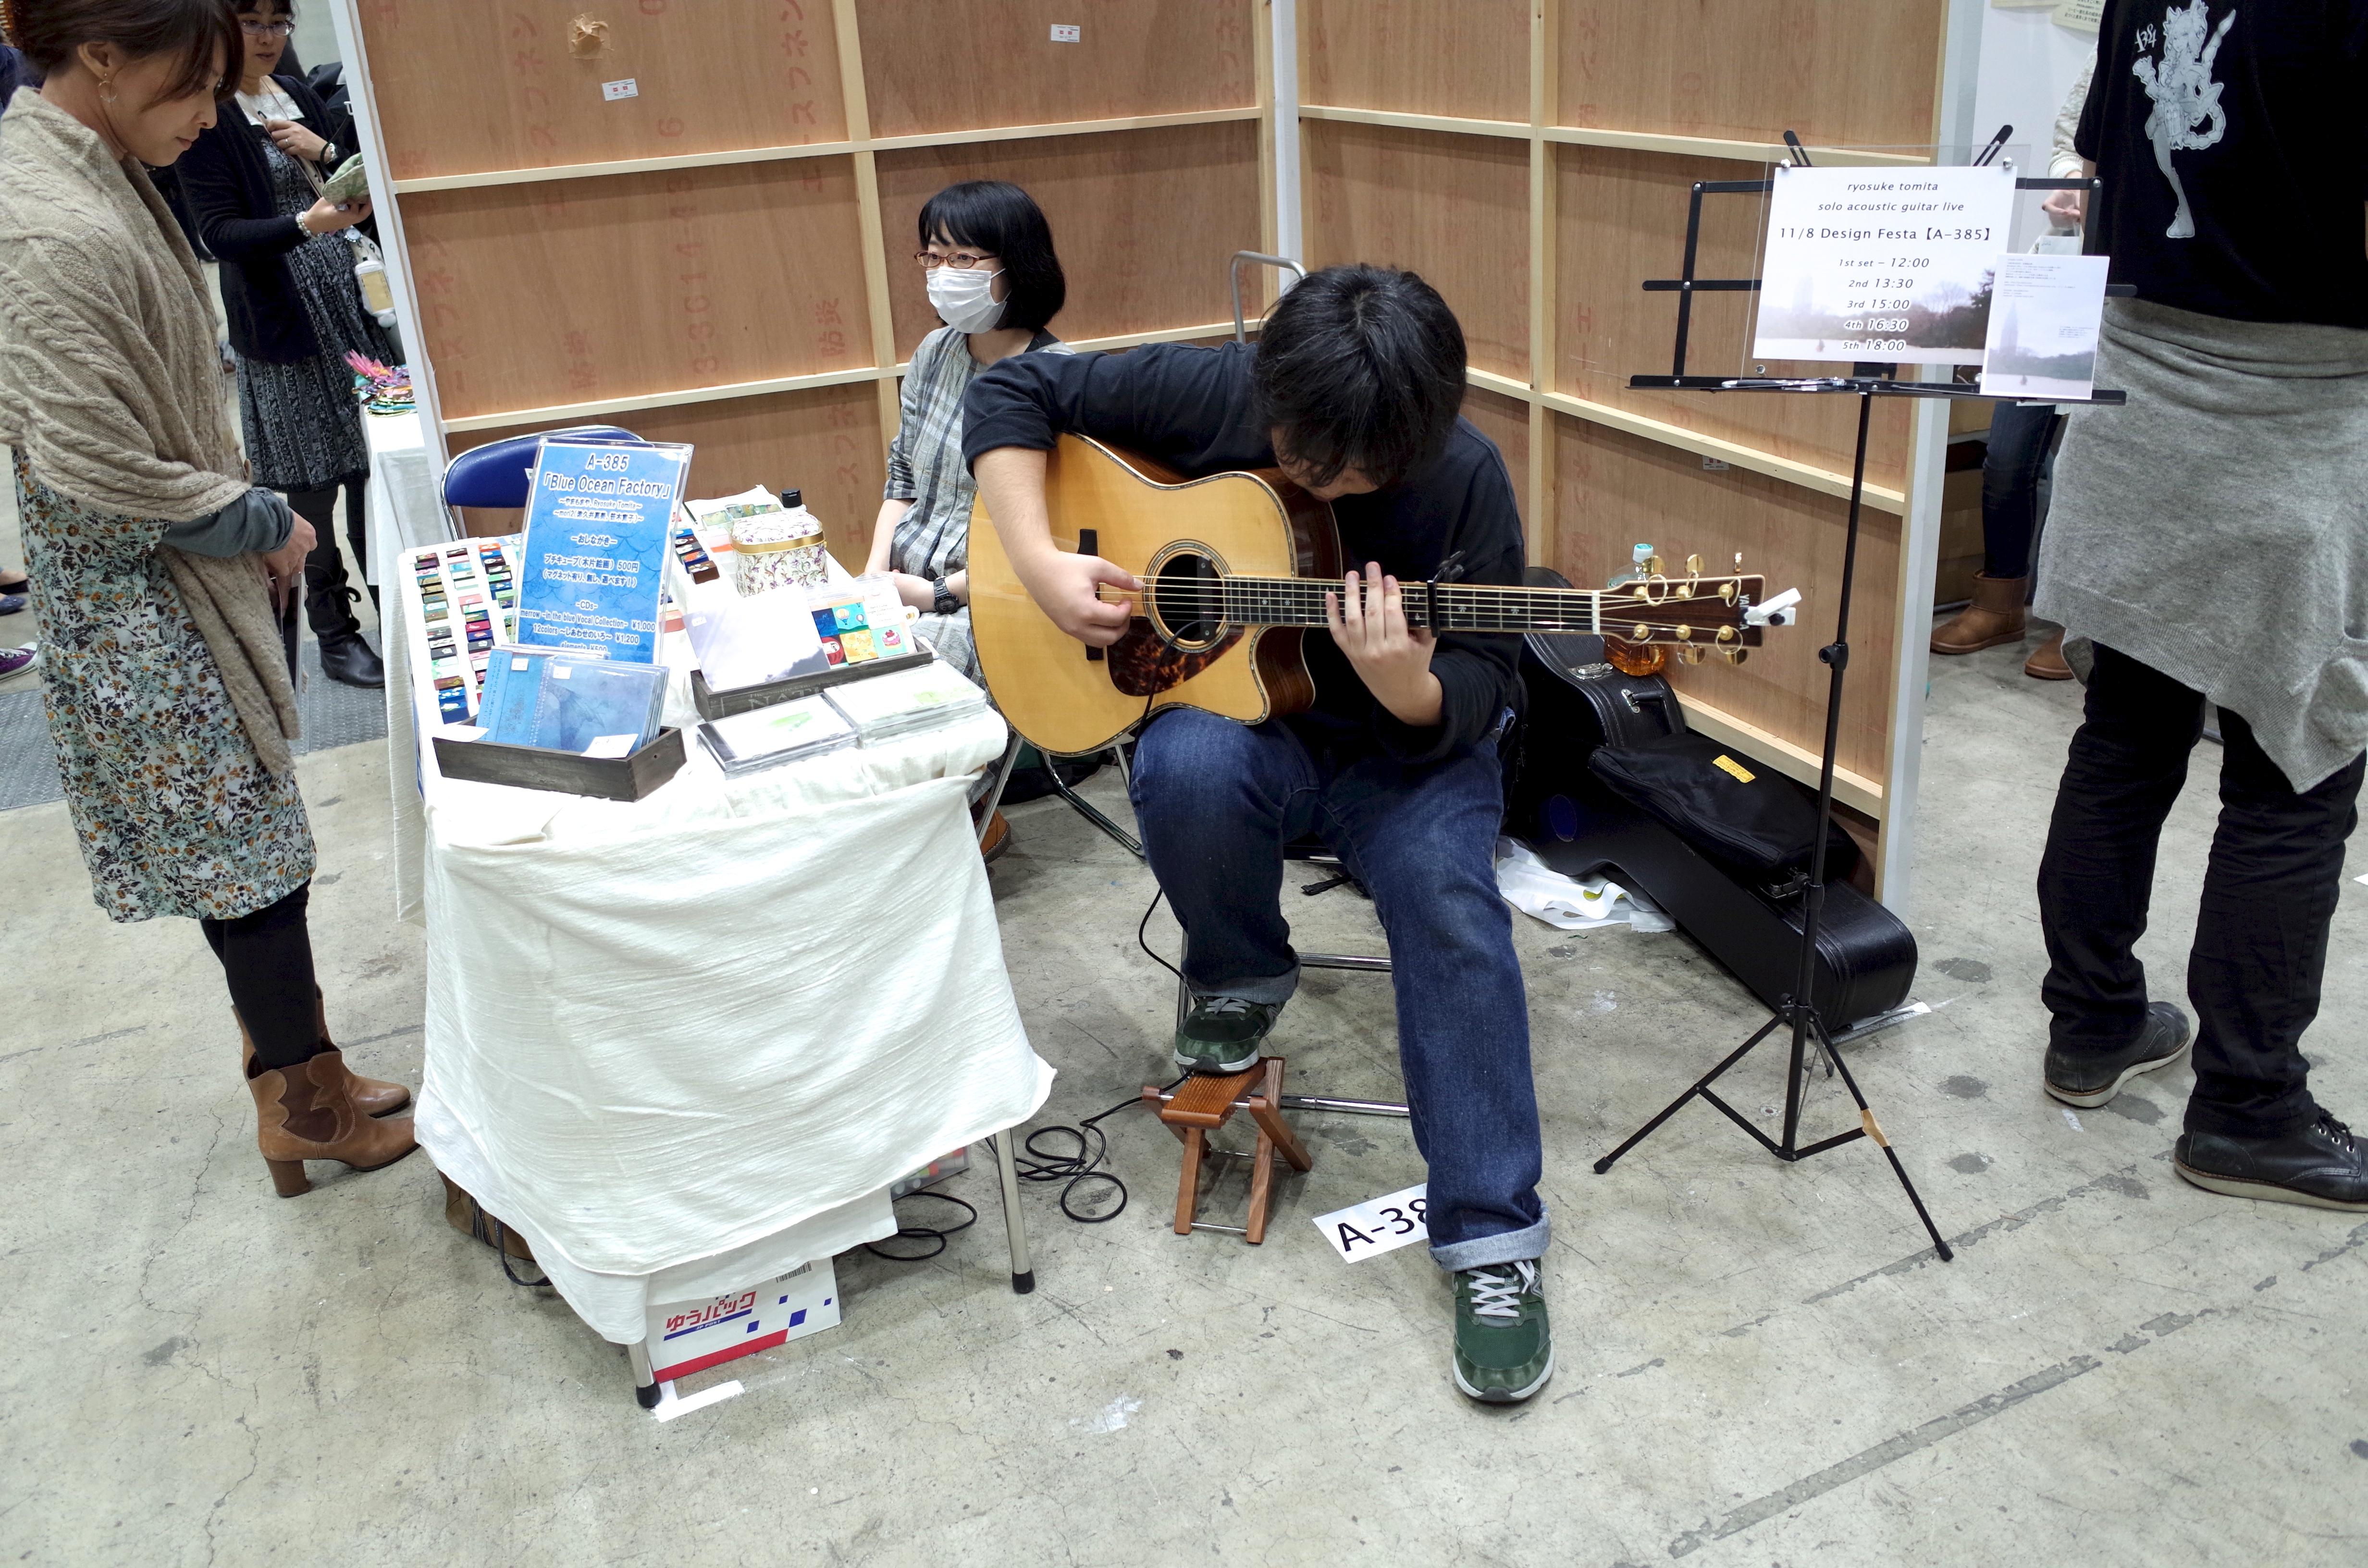 弾き語り ギター CD デザインフェスタ デザフェス 雰囲気 店 東京ビックサイト